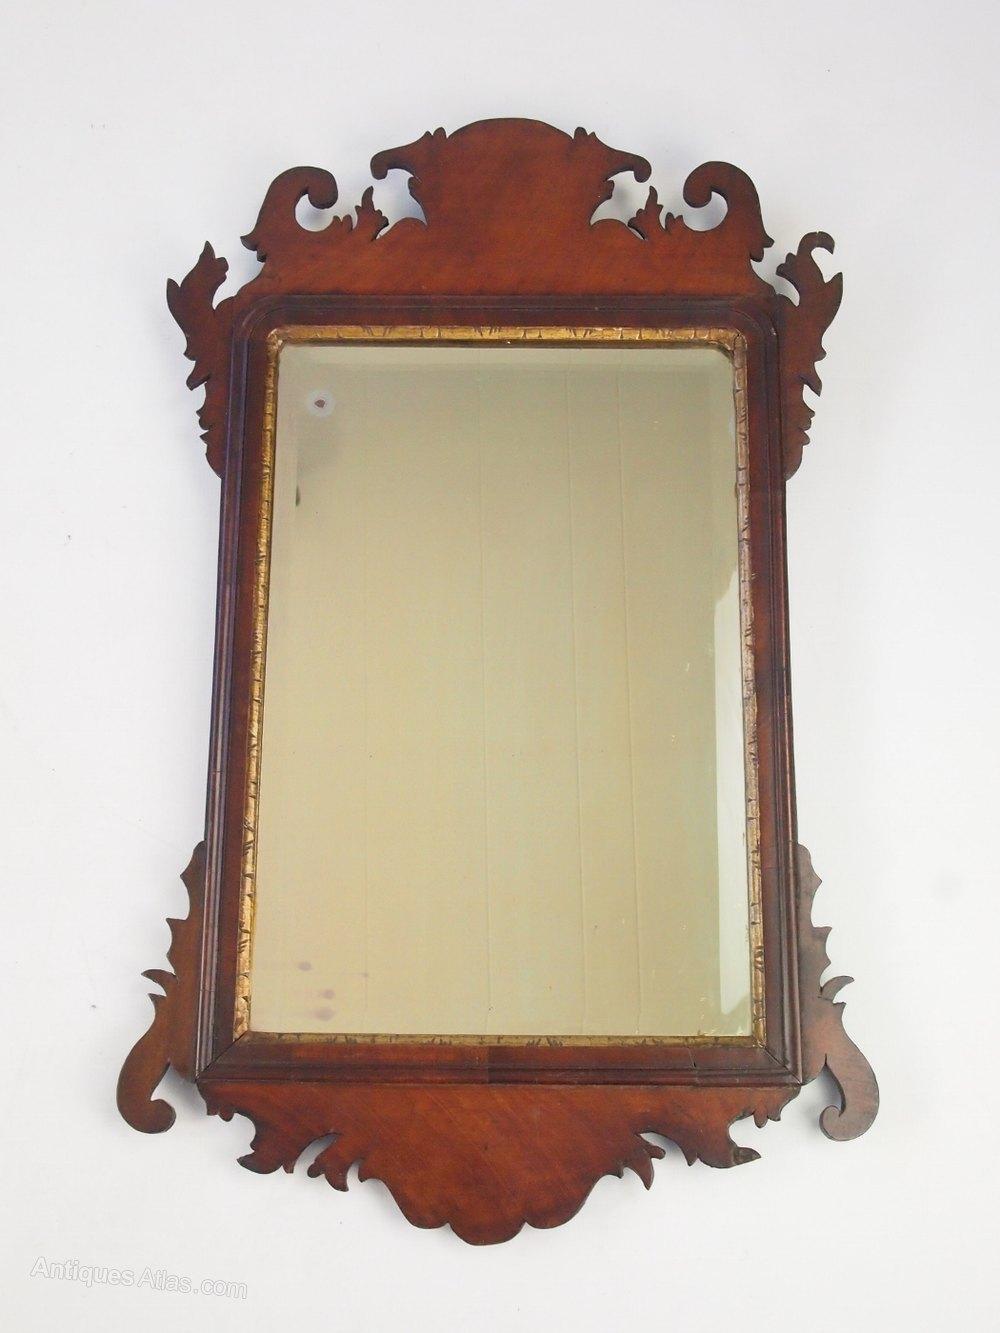 Antiques Atlas Antique Georgian Mahogany Fretwork Mirror